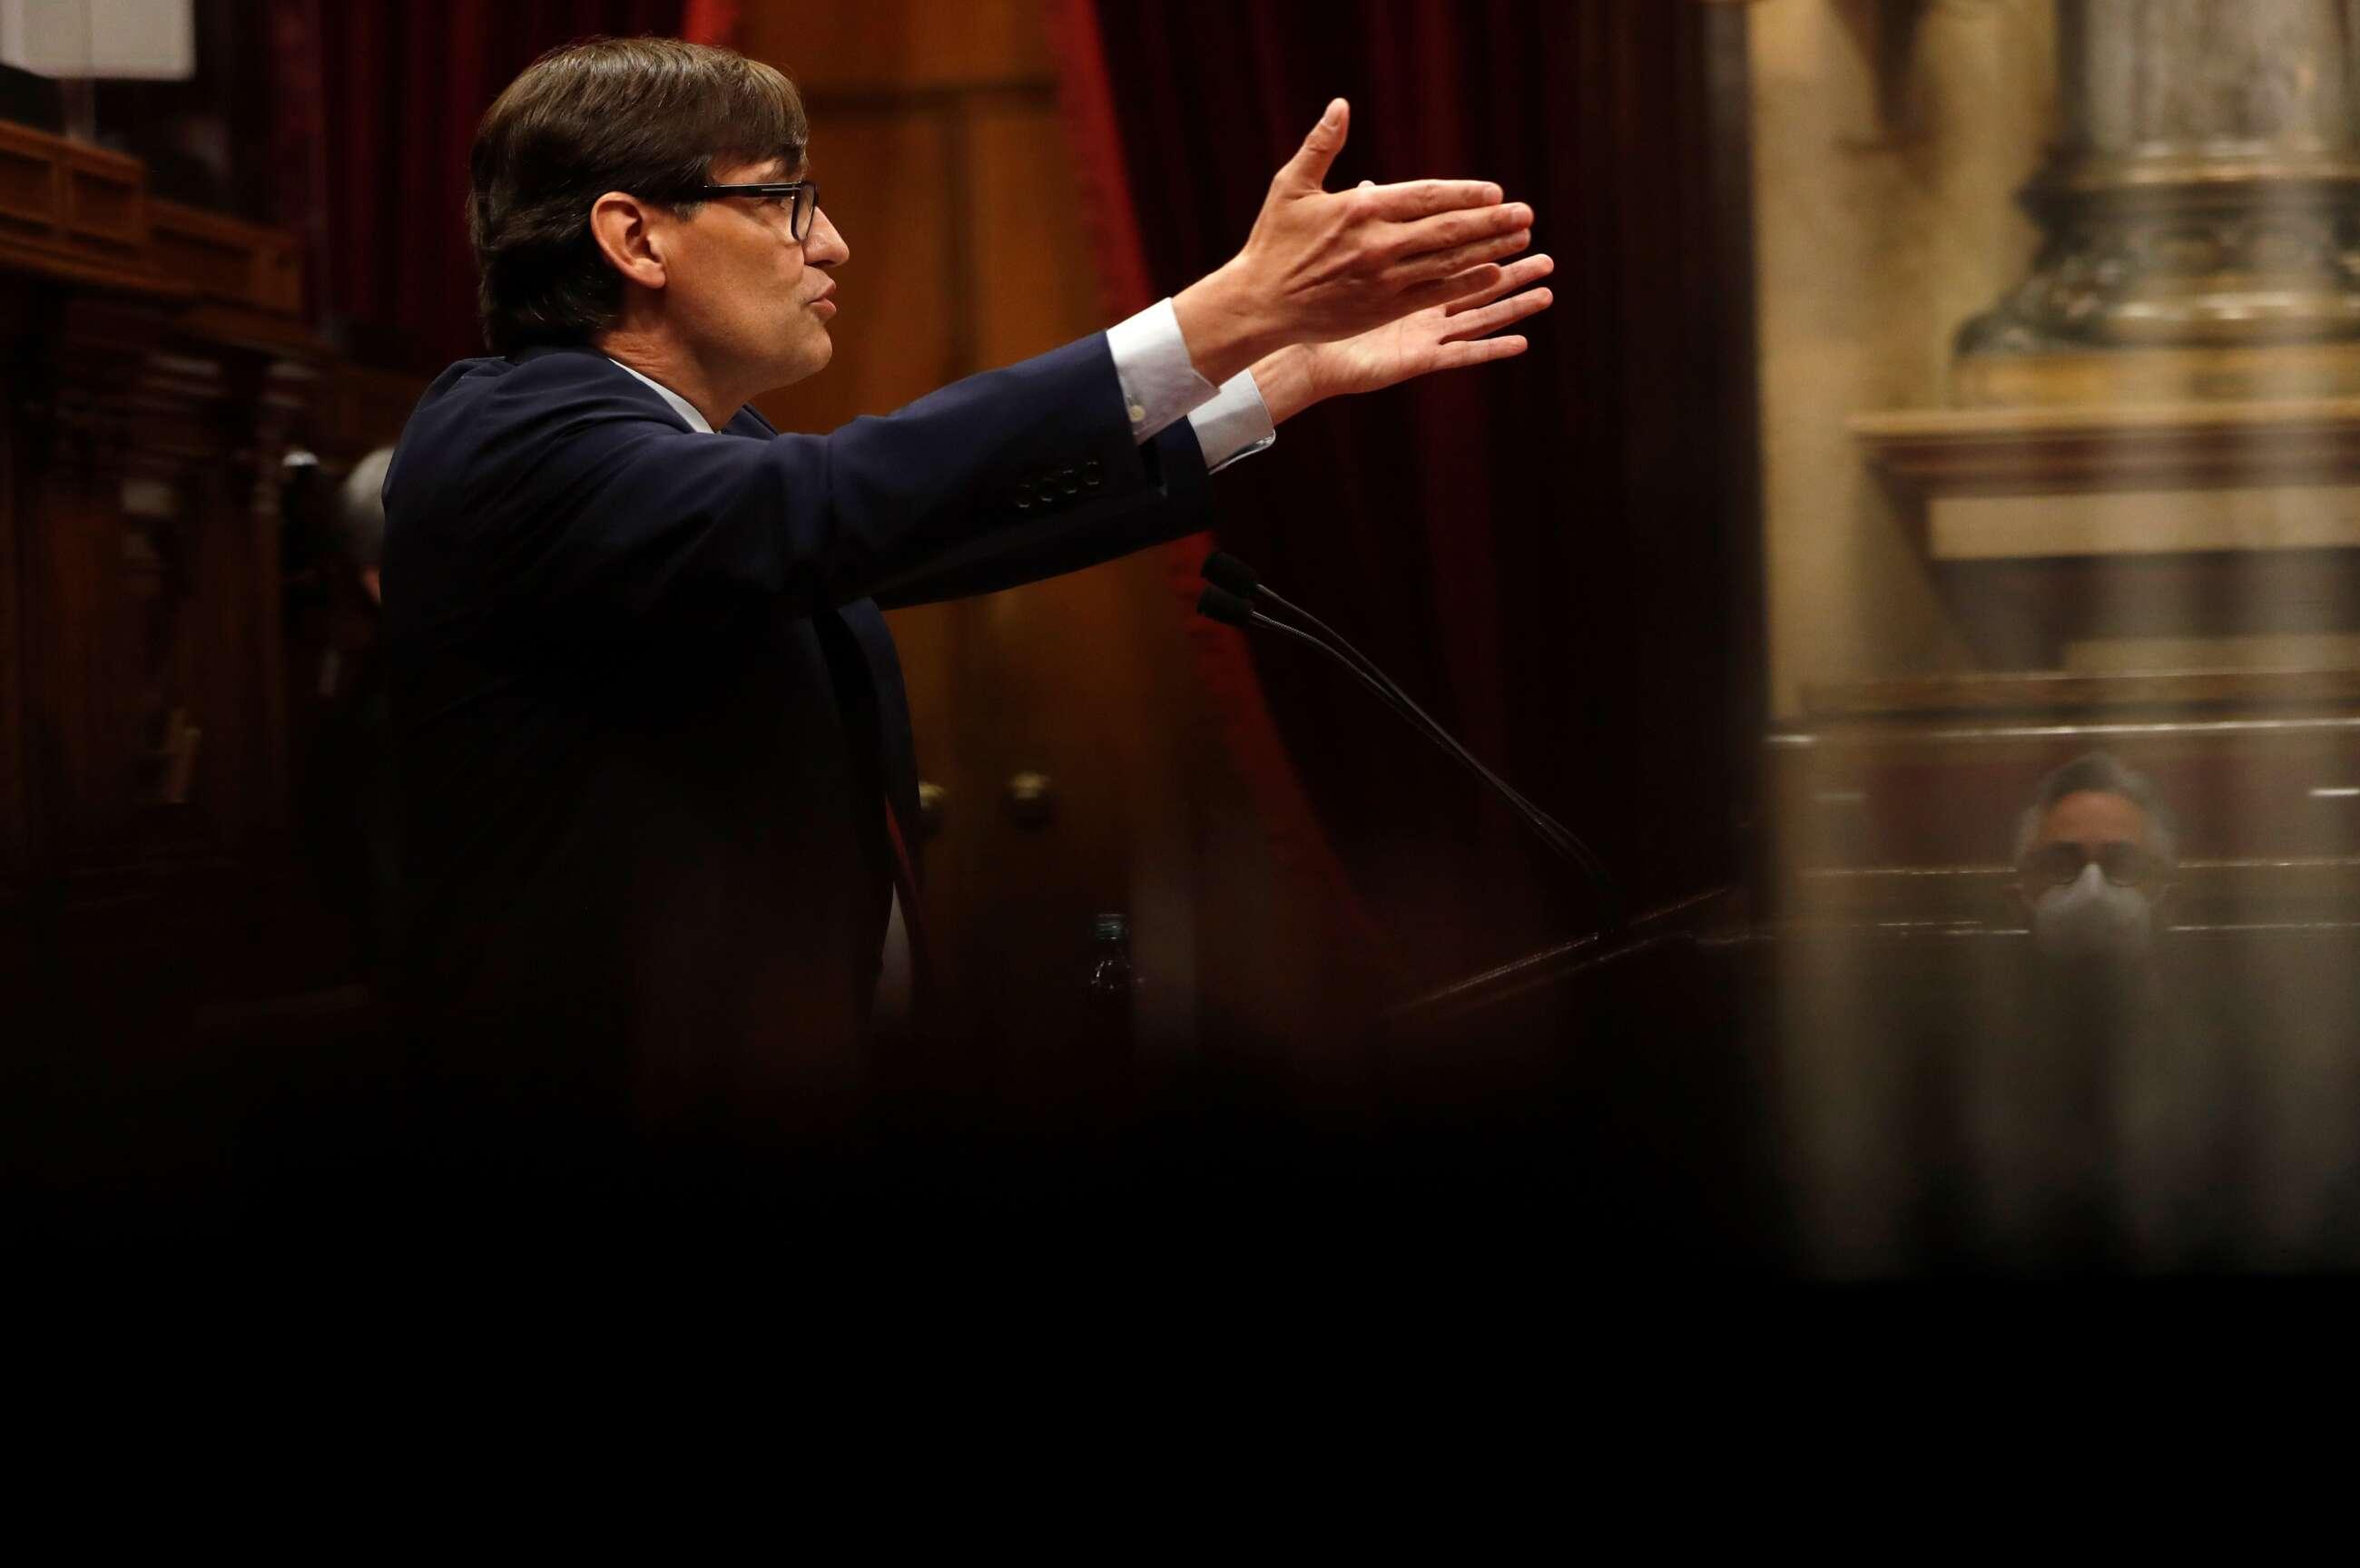 El líder del PSC en el Parlament, Salvador Illa, interviene durante la primera jornada del debate de investidura de Pere Aragonès, esta tarde en el Parlamento de Cataluña. EFE/Alberto Estévez/POOL